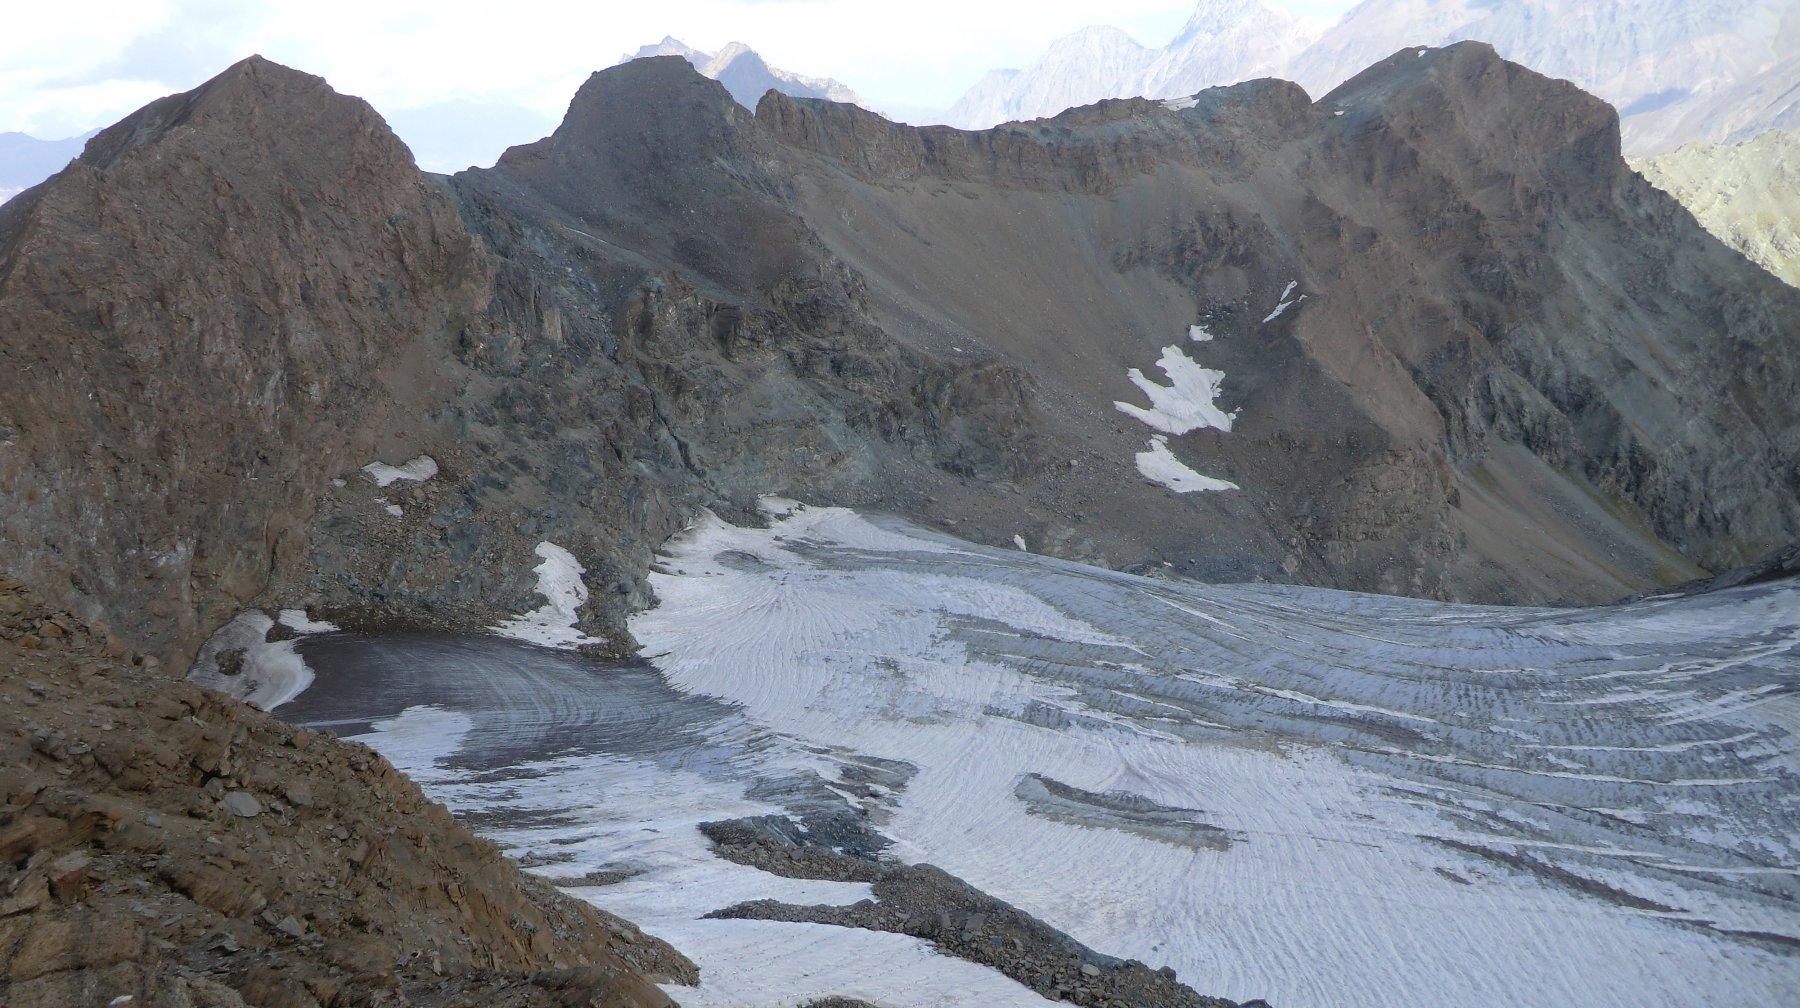 il ghiacciaio, ancora consistente, oltre cresta